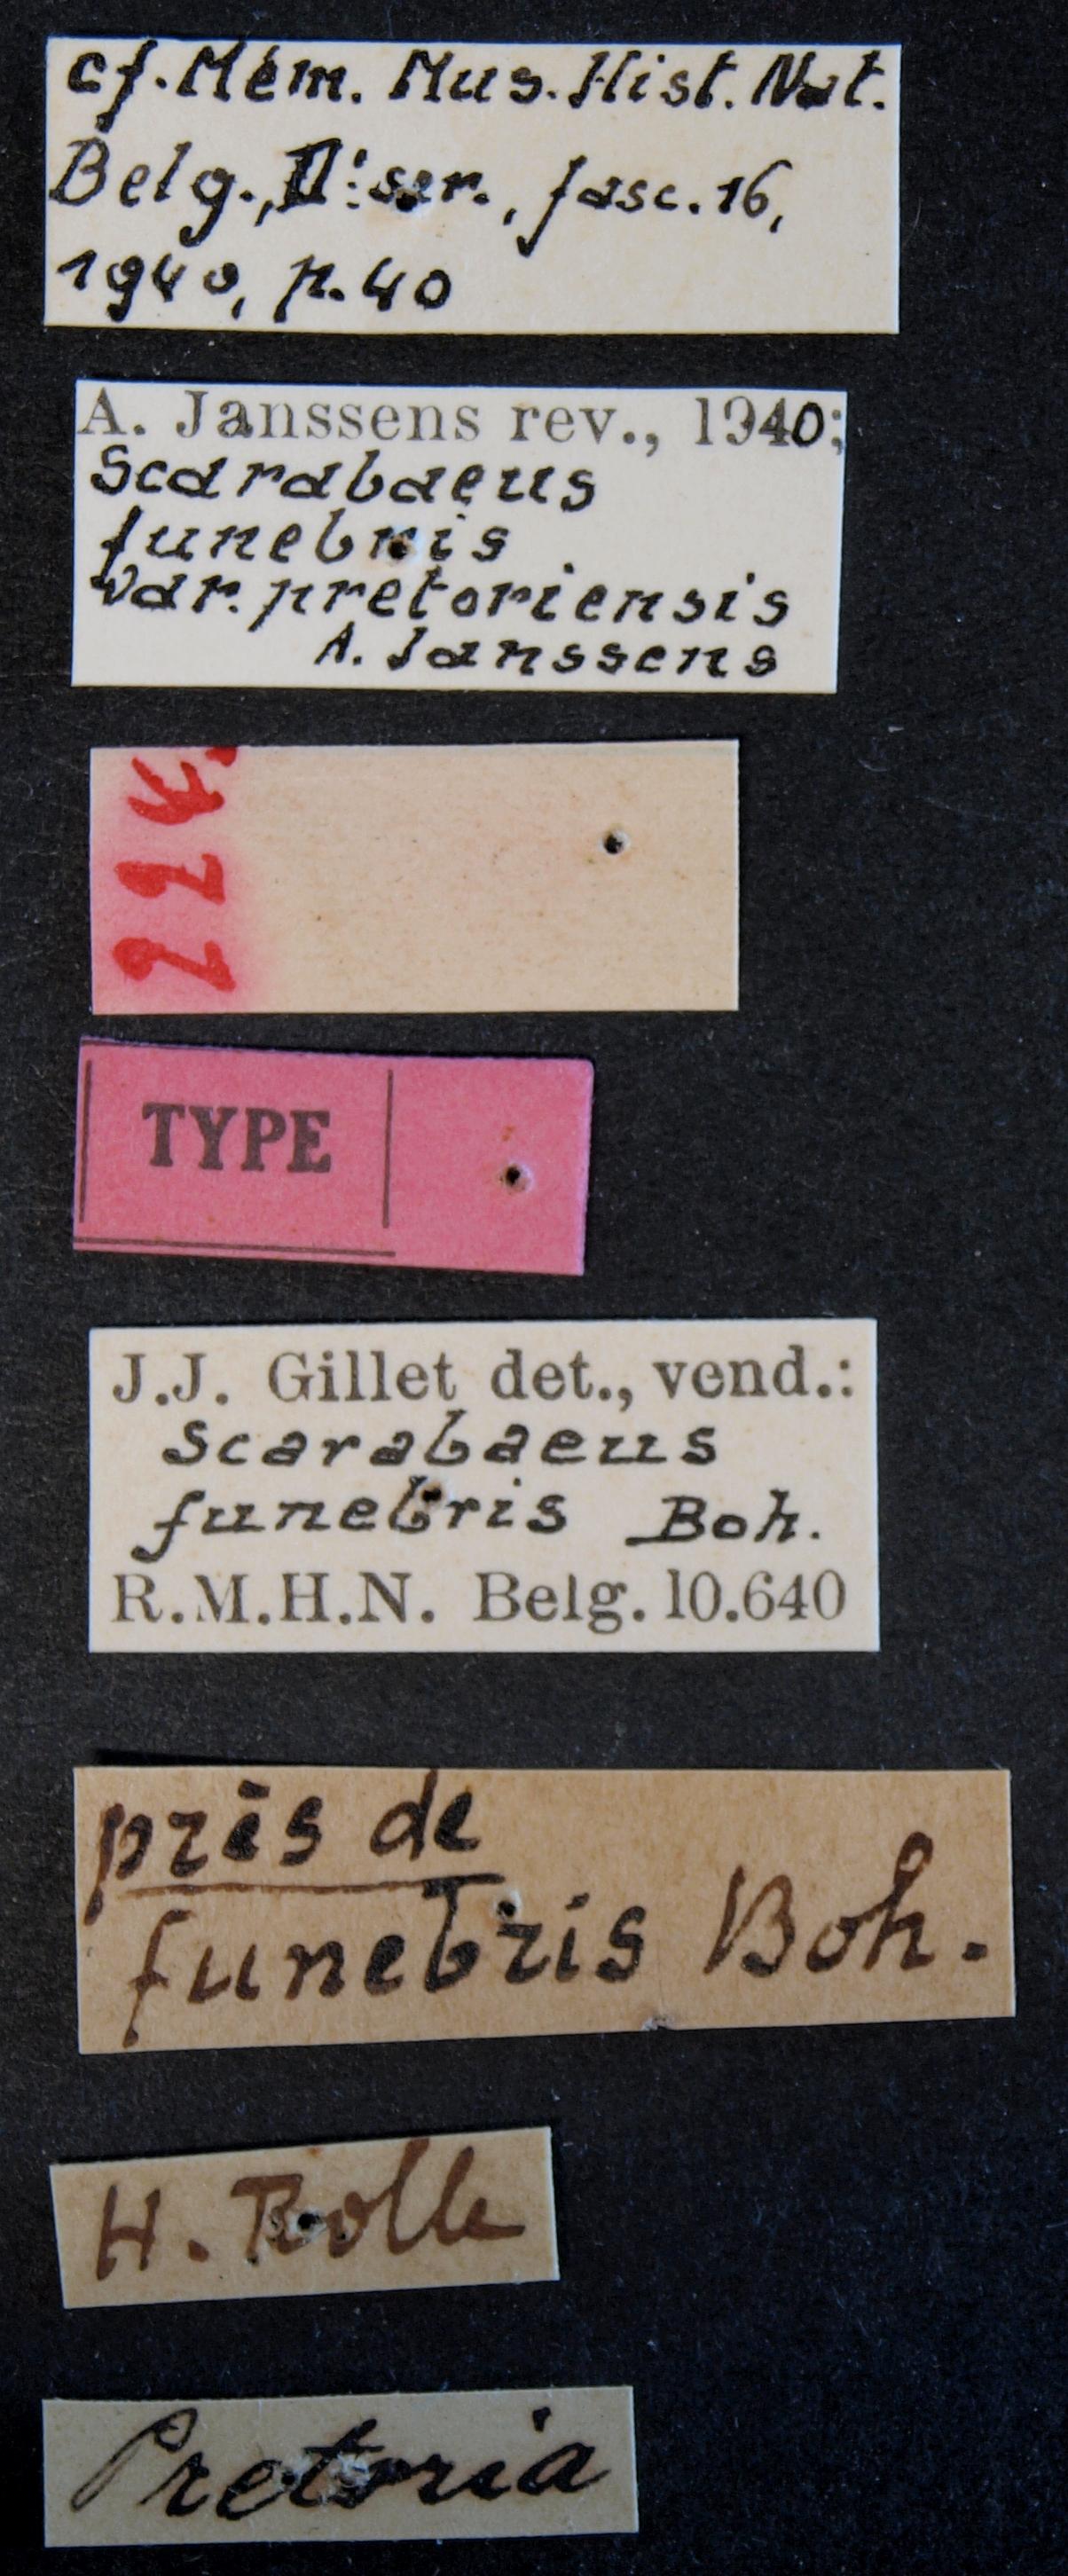 Scarabaeus funebris variety pretoriensis type Lb.JPG